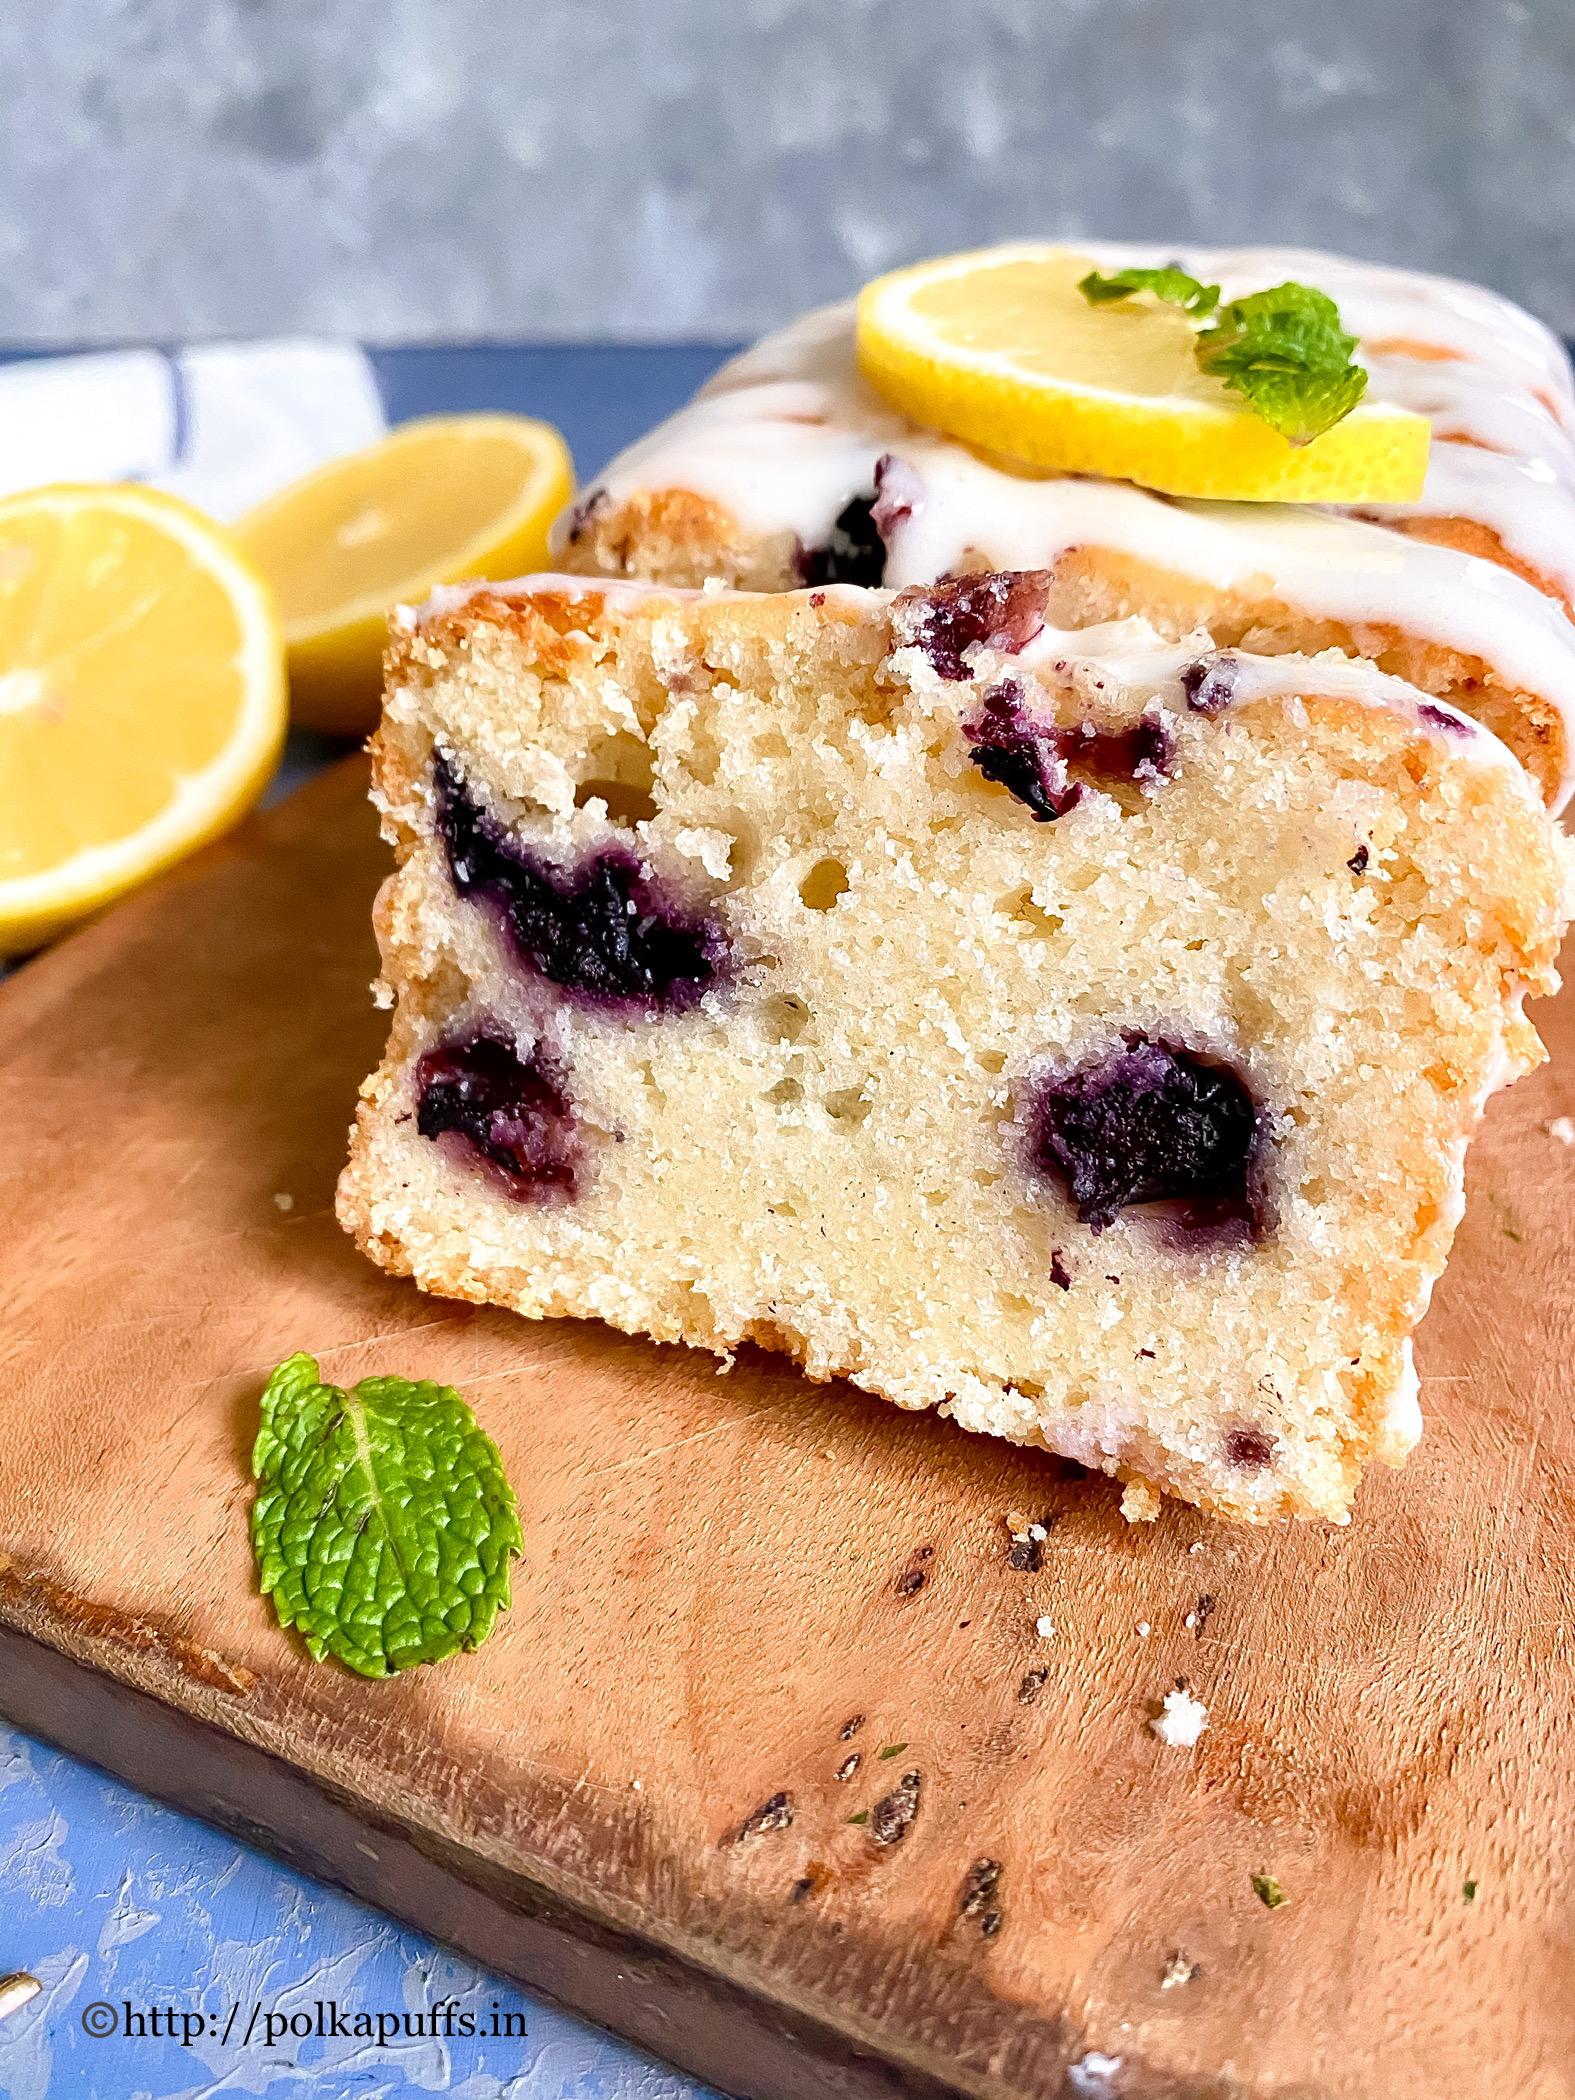 Eggless Lemon Blueberry Cake final 2